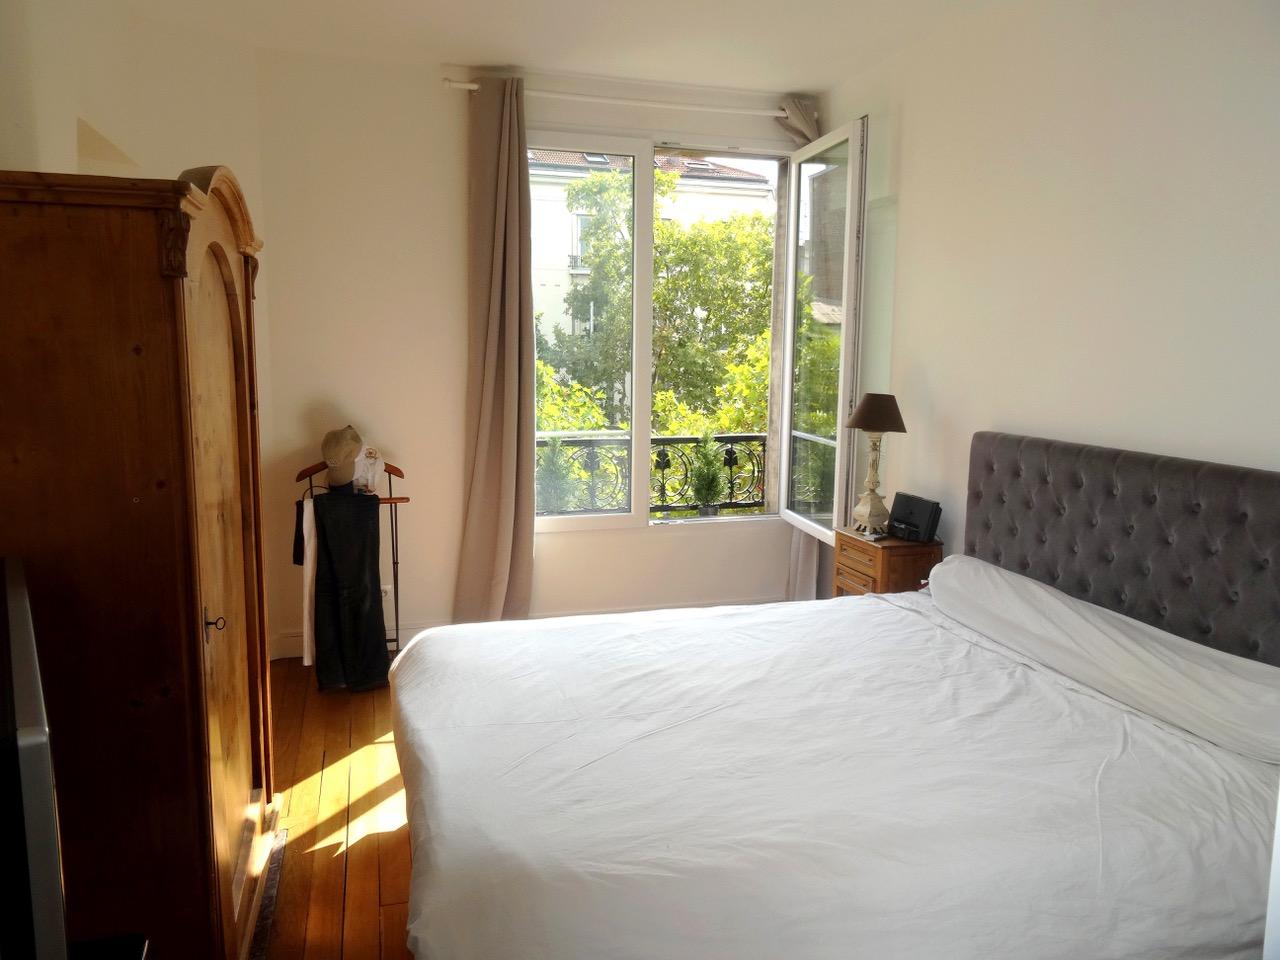 la-clef-des-villes-arnaud-mascarel-agence-immobiliere-chasseur-appartement- boulogne-billancourt-paris-16-villers-sur-mer-location-estimation-gratuite-master bedroom